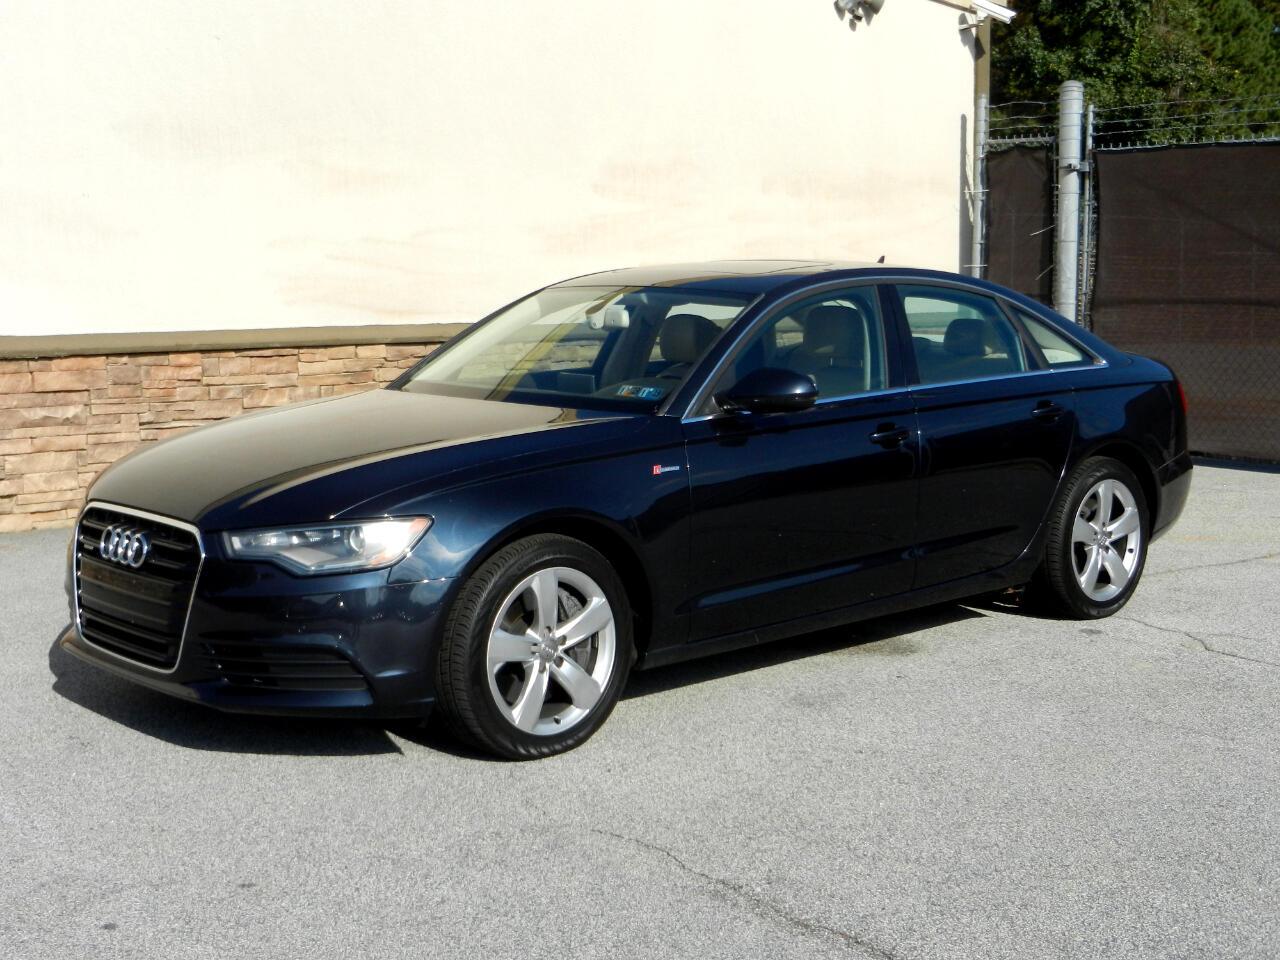 Audi A6 3.0 TFSI Premium Plus quattro AWD 2012